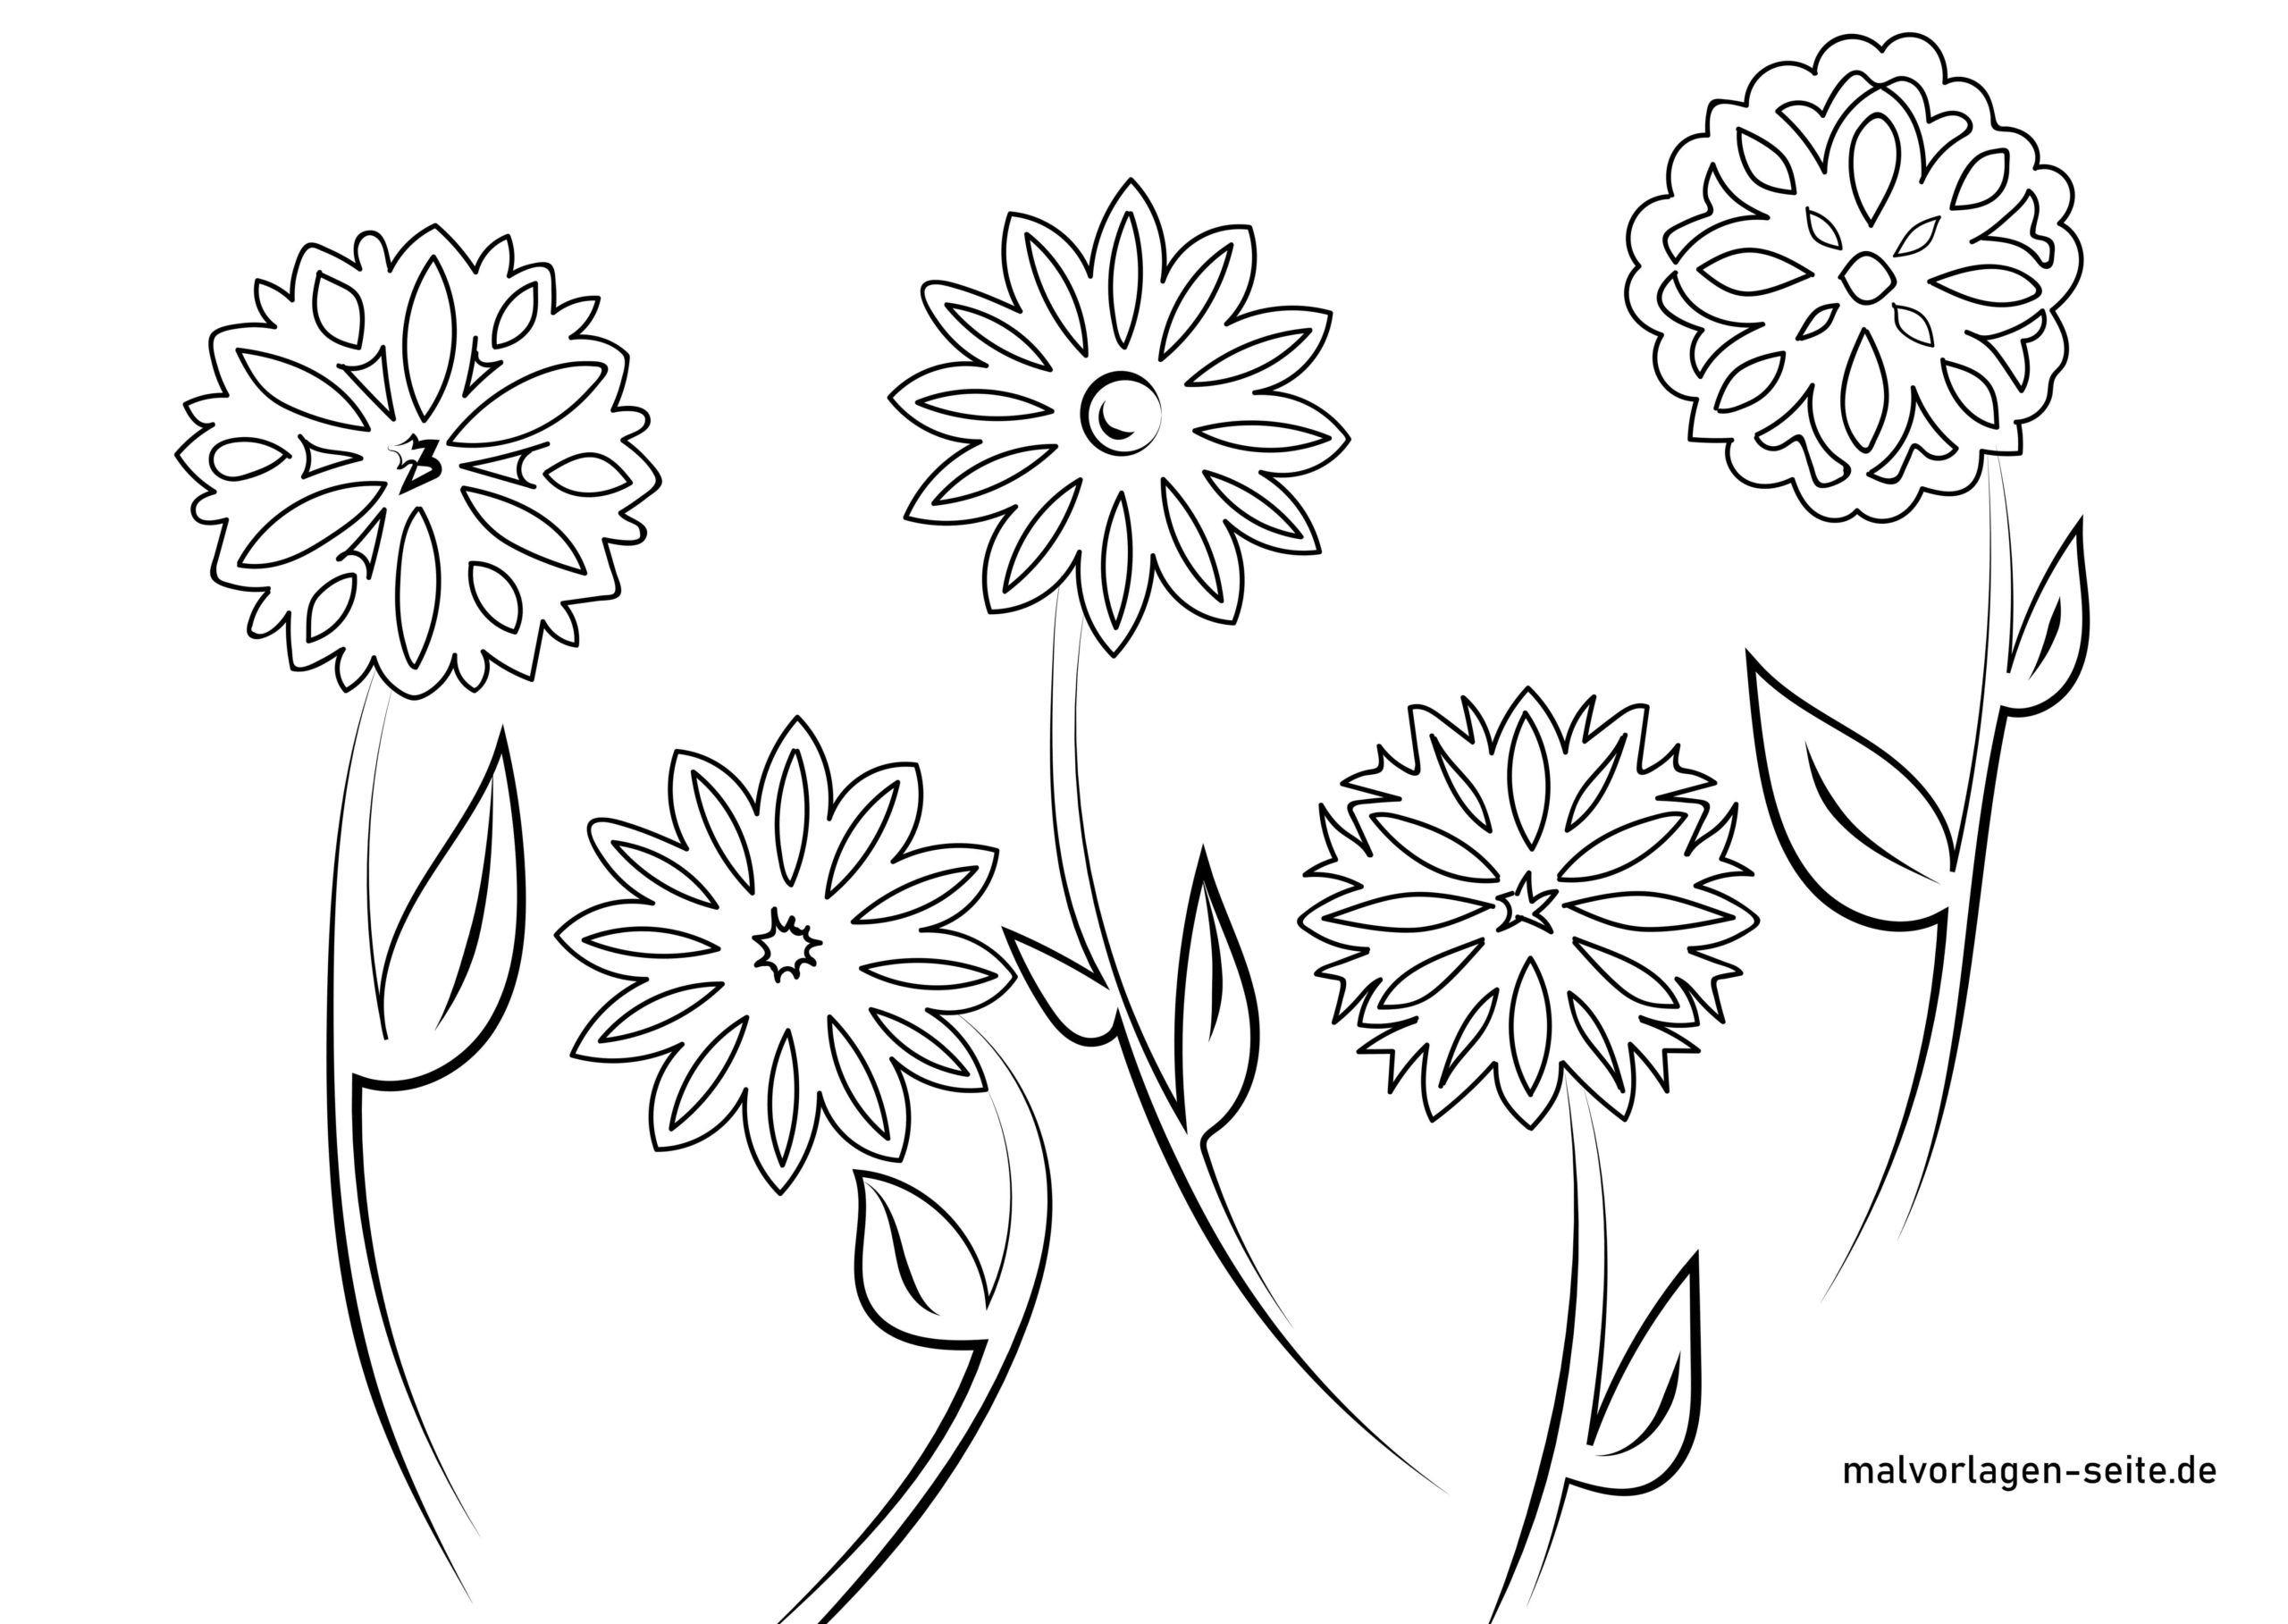 Fensterbilder Vorlage Blumen - Ausmalbilder Kostenlos ganzes Blumen Malvorlagen Kostenlos